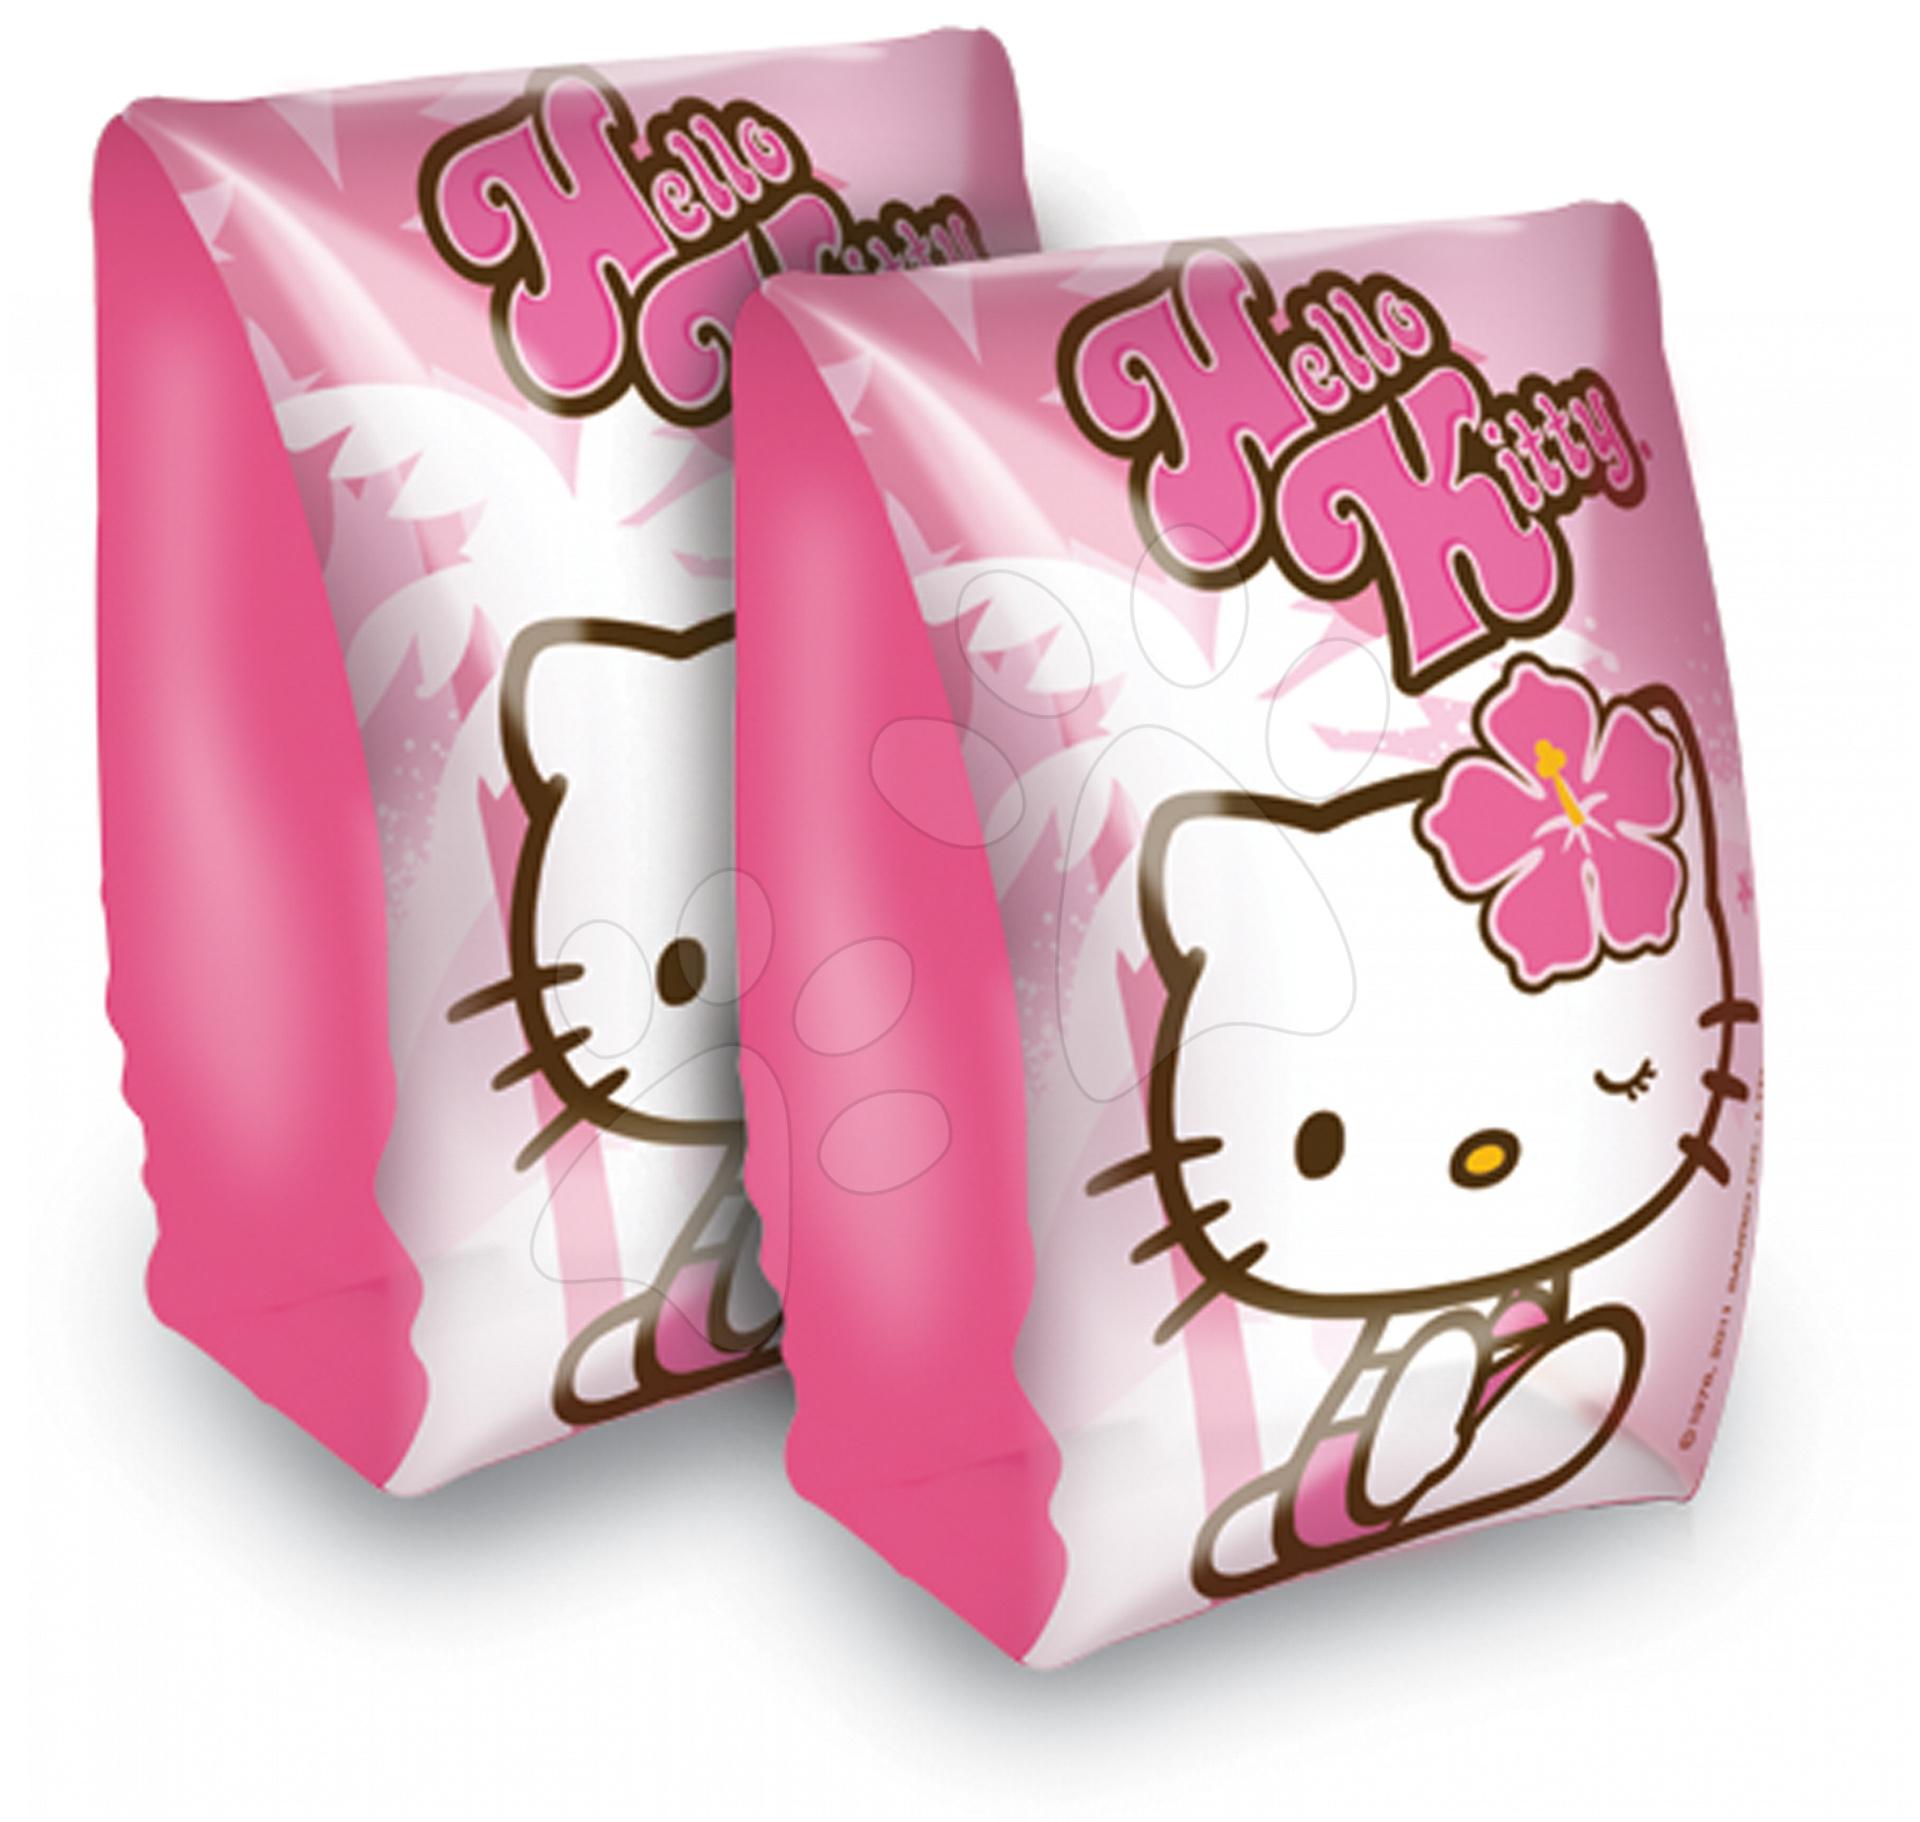 Régi termékek - Felfújható karúszó Hello Kitty Mondo 3 évtől